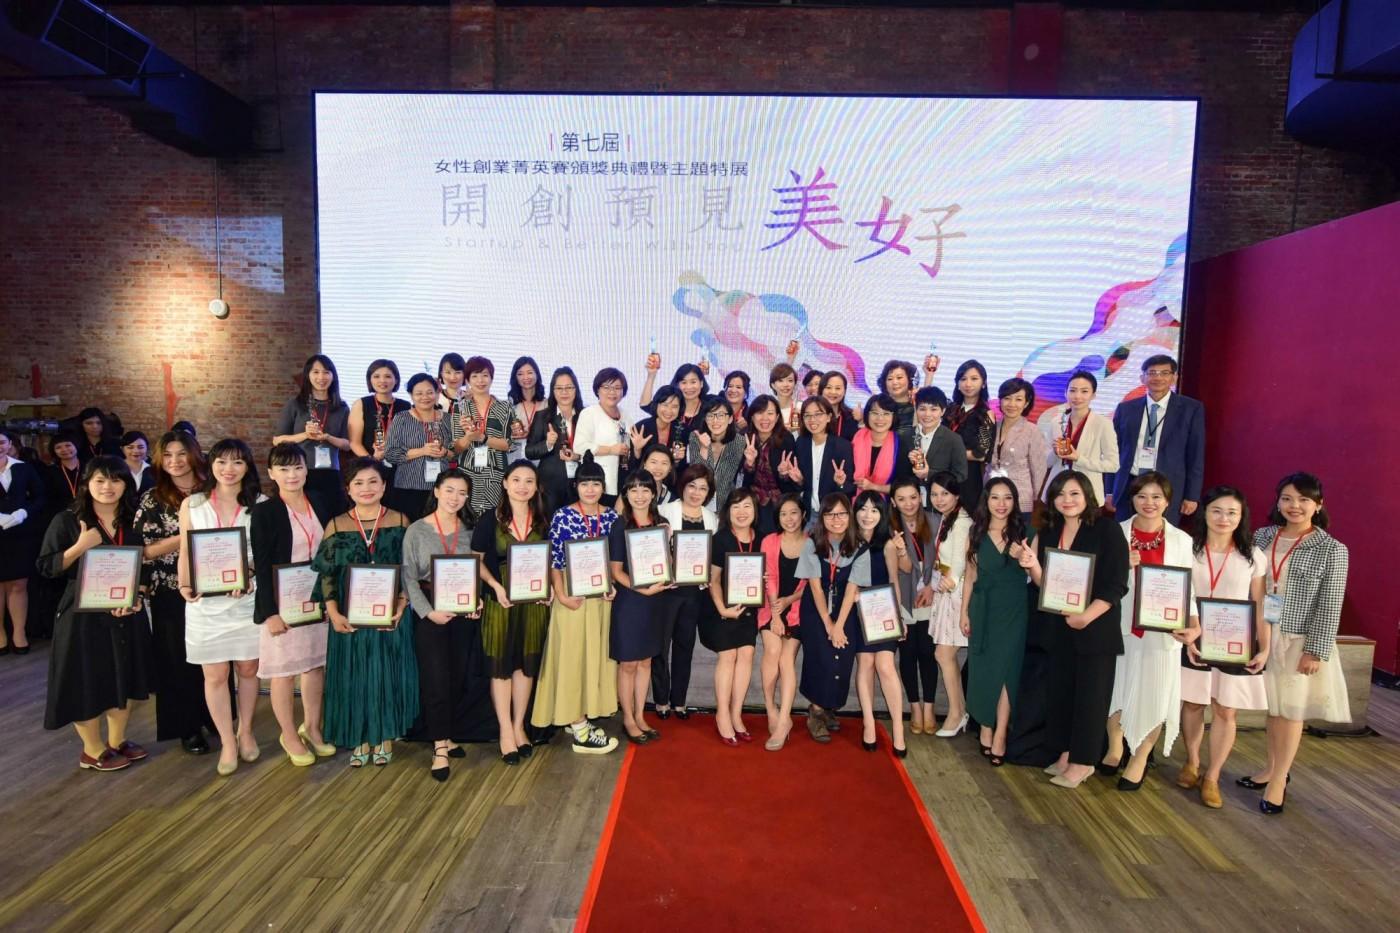 經濟部表彰優秀女性企業 第7屆女性創業菁英賽得主出爐 女力發威! 開創,預見美好